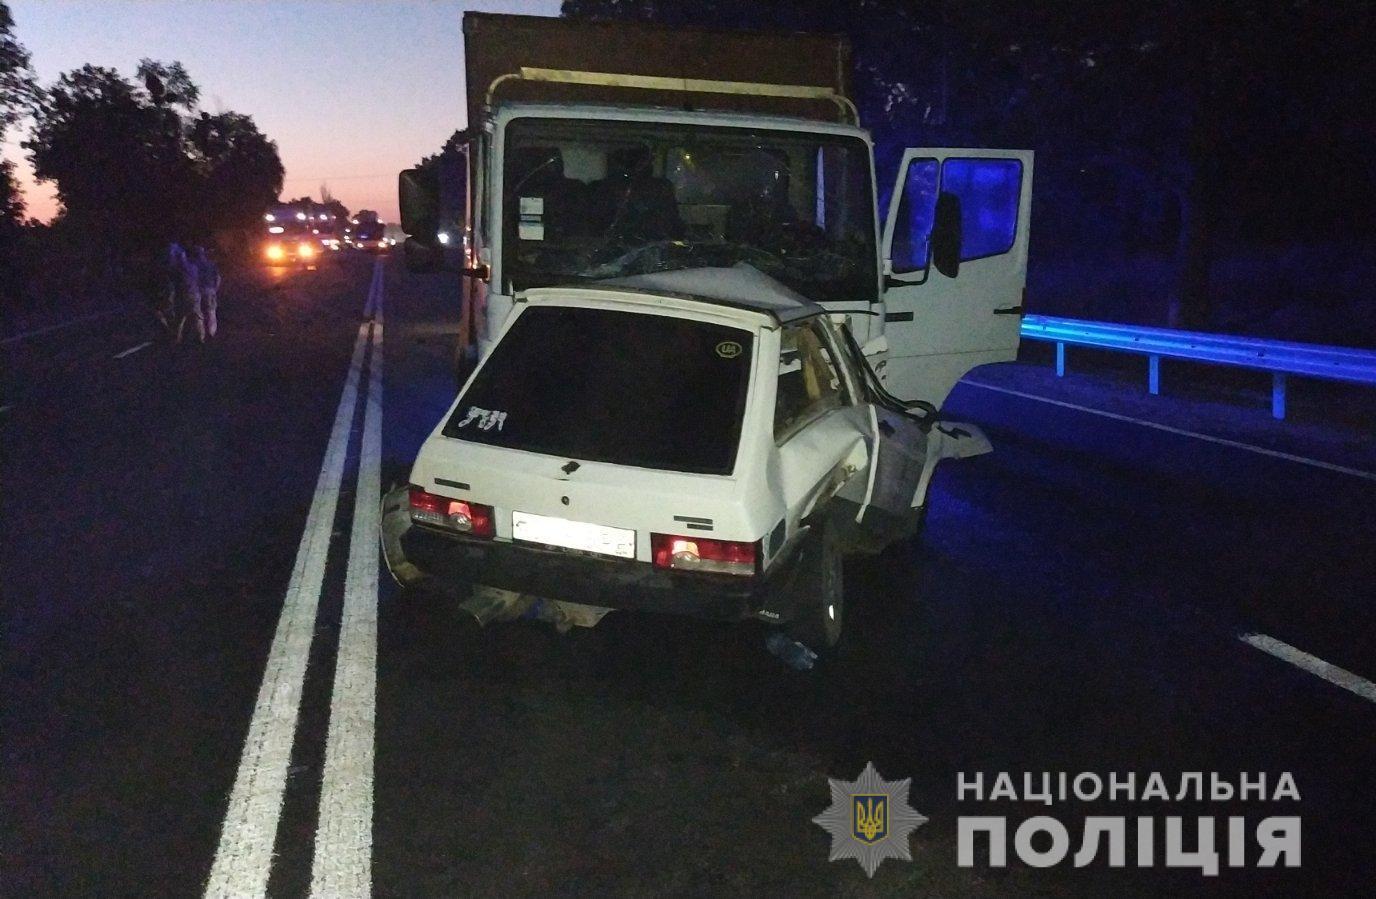 Вночі на Вінниччині у ДТП загинуло двоє людей